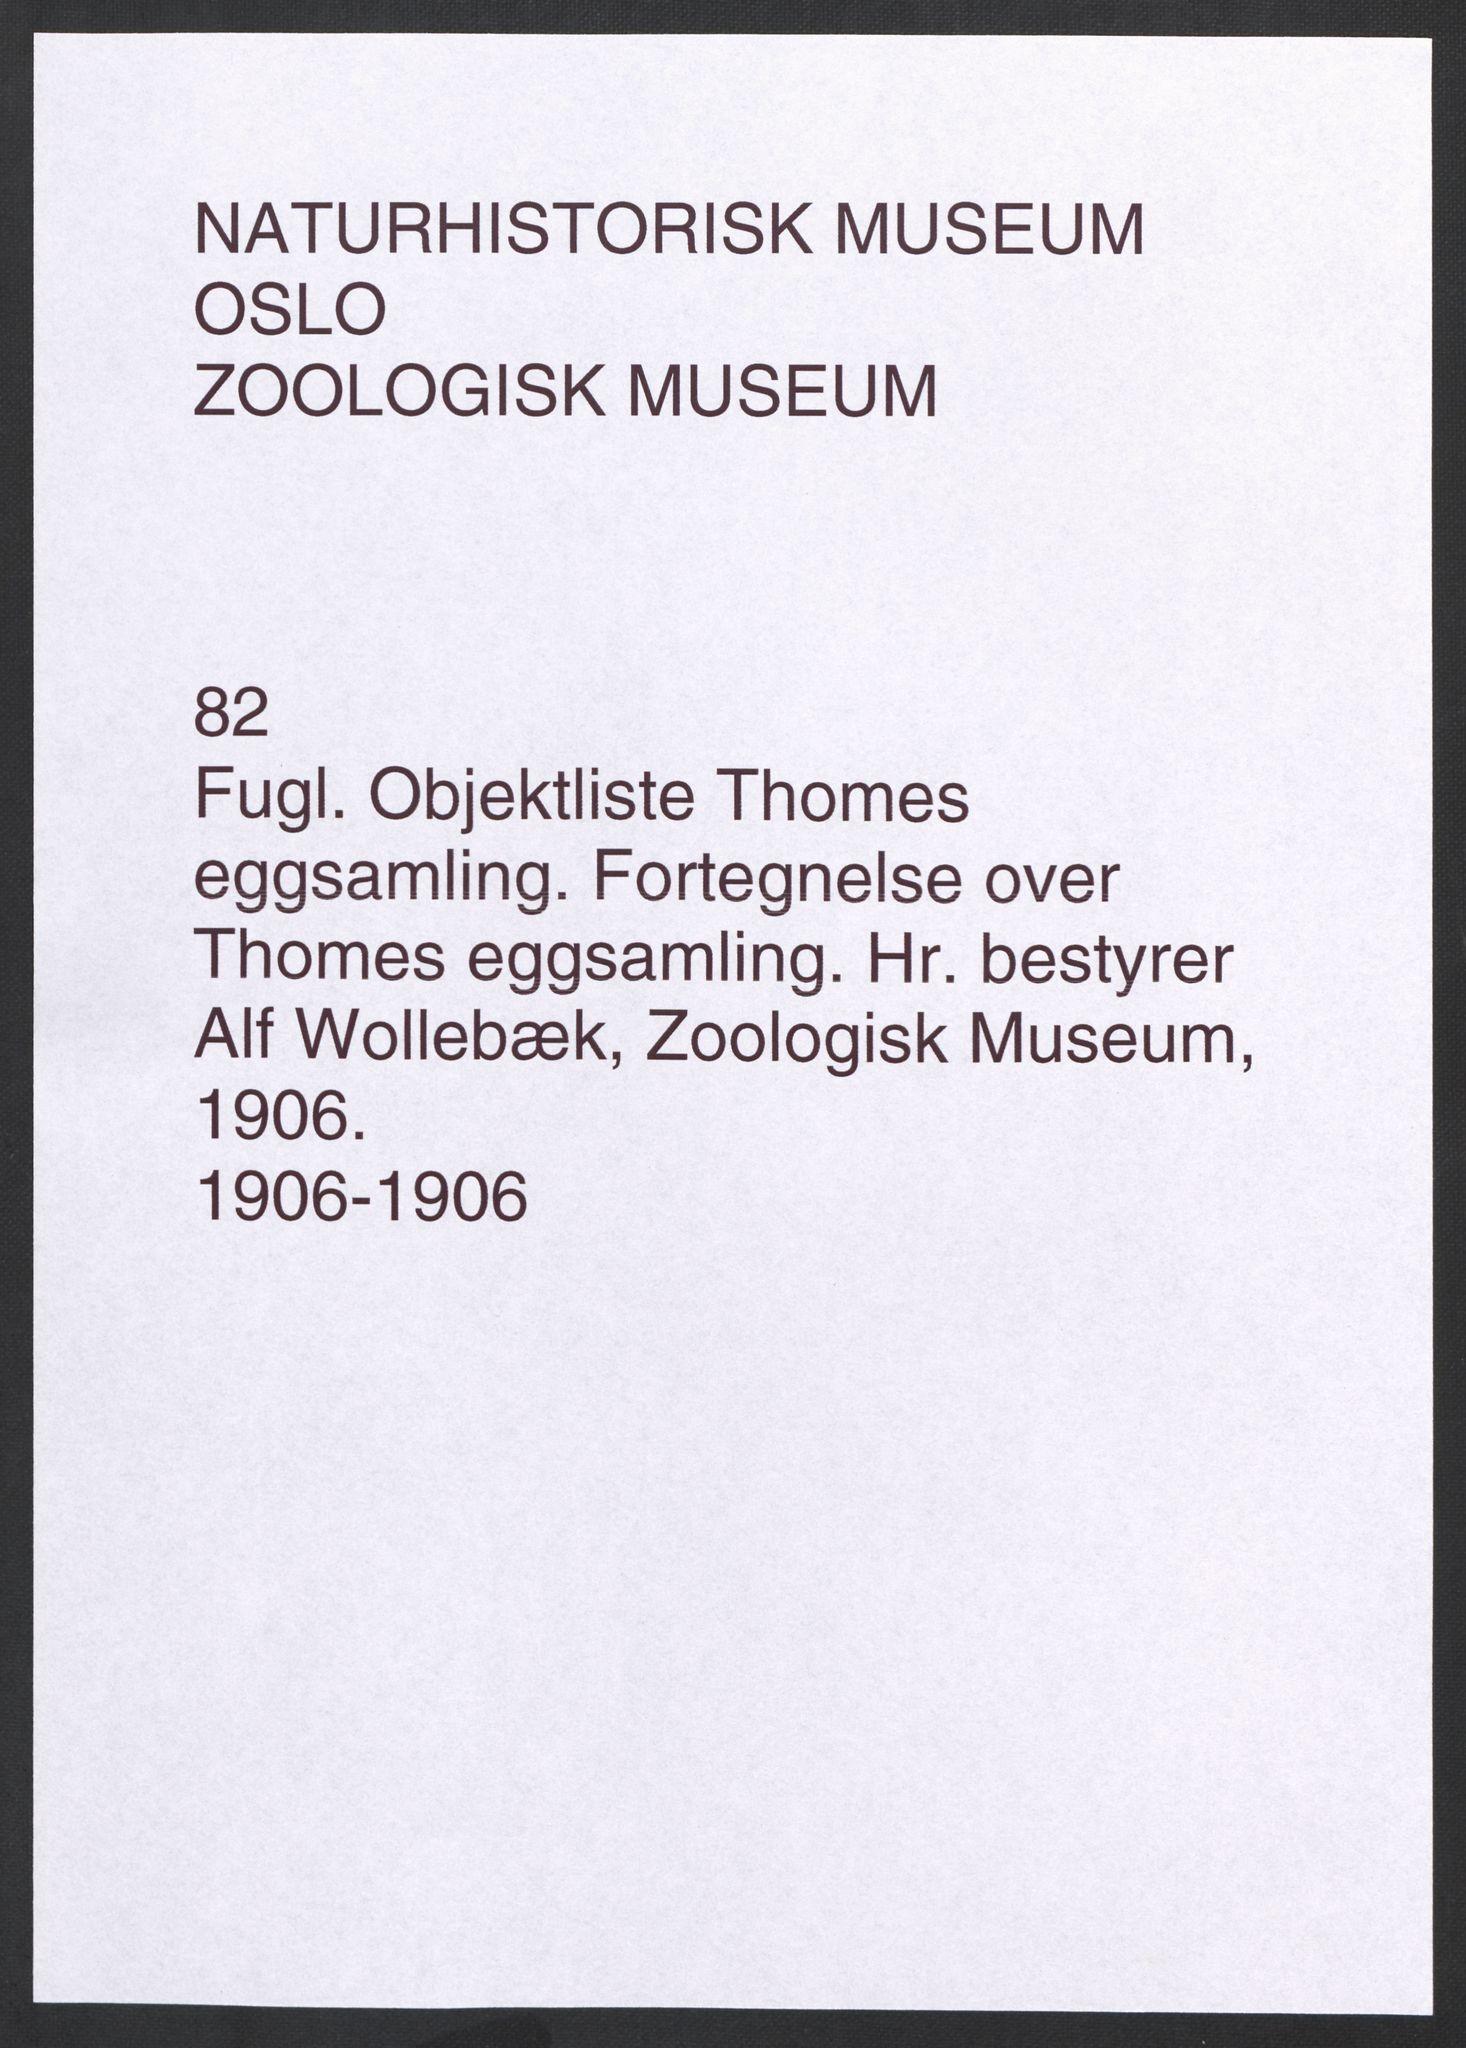 NHMO, Naturhistorisk museum (Oslo), 2: Fugl. Objektliste. Fortegnelse over Thomes eggsamling., 1906